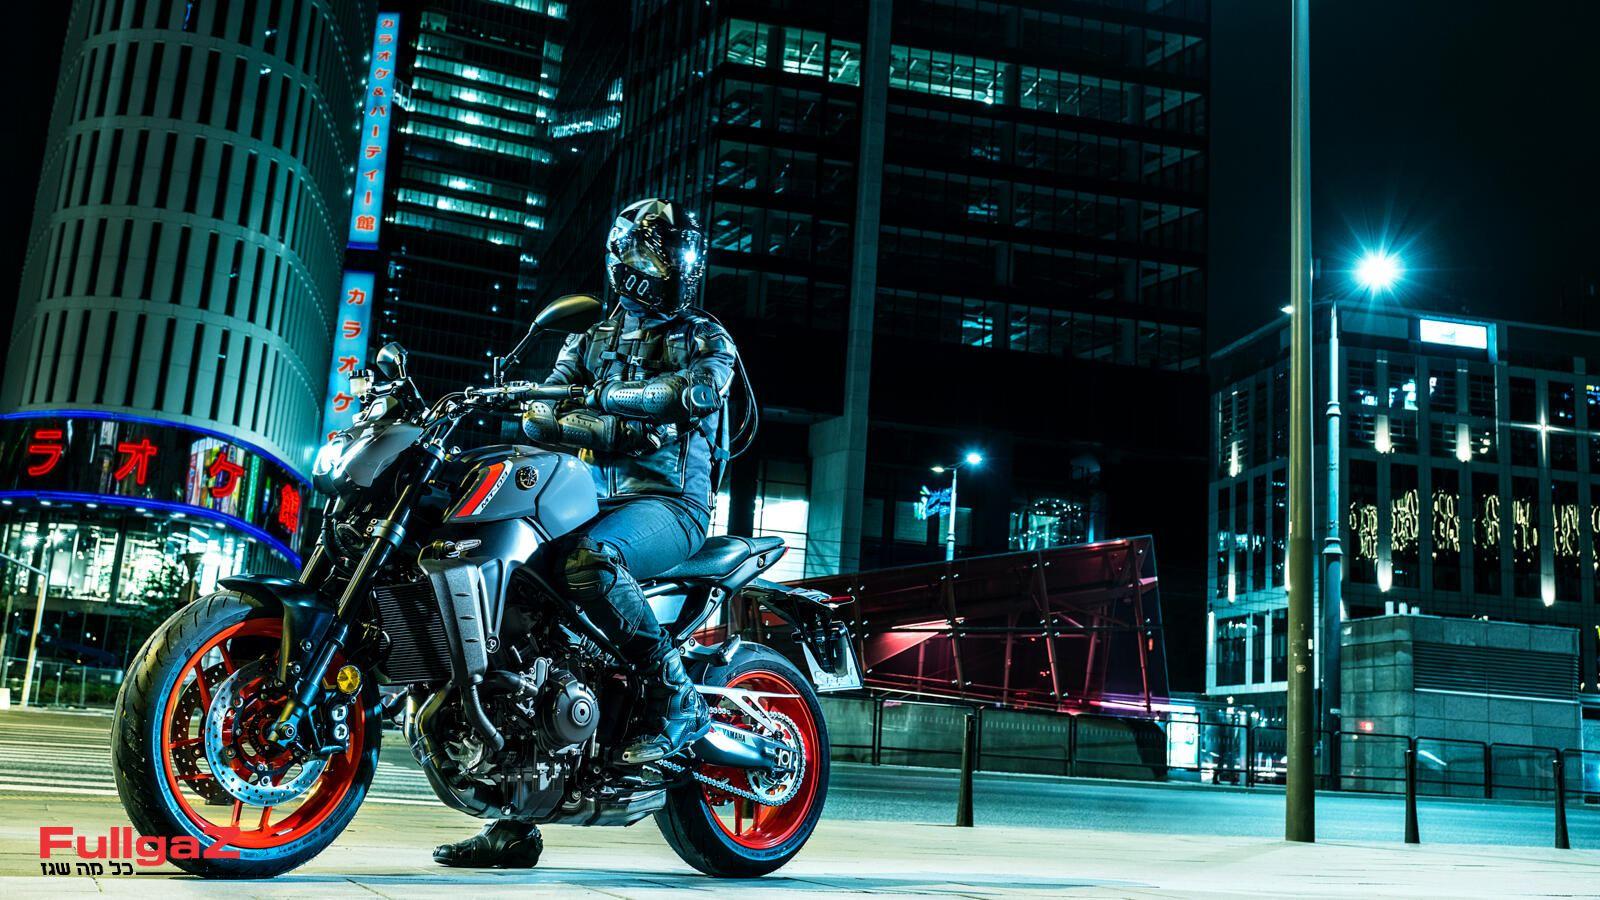 אופנוע חדש לחלוטין בדור השלישי